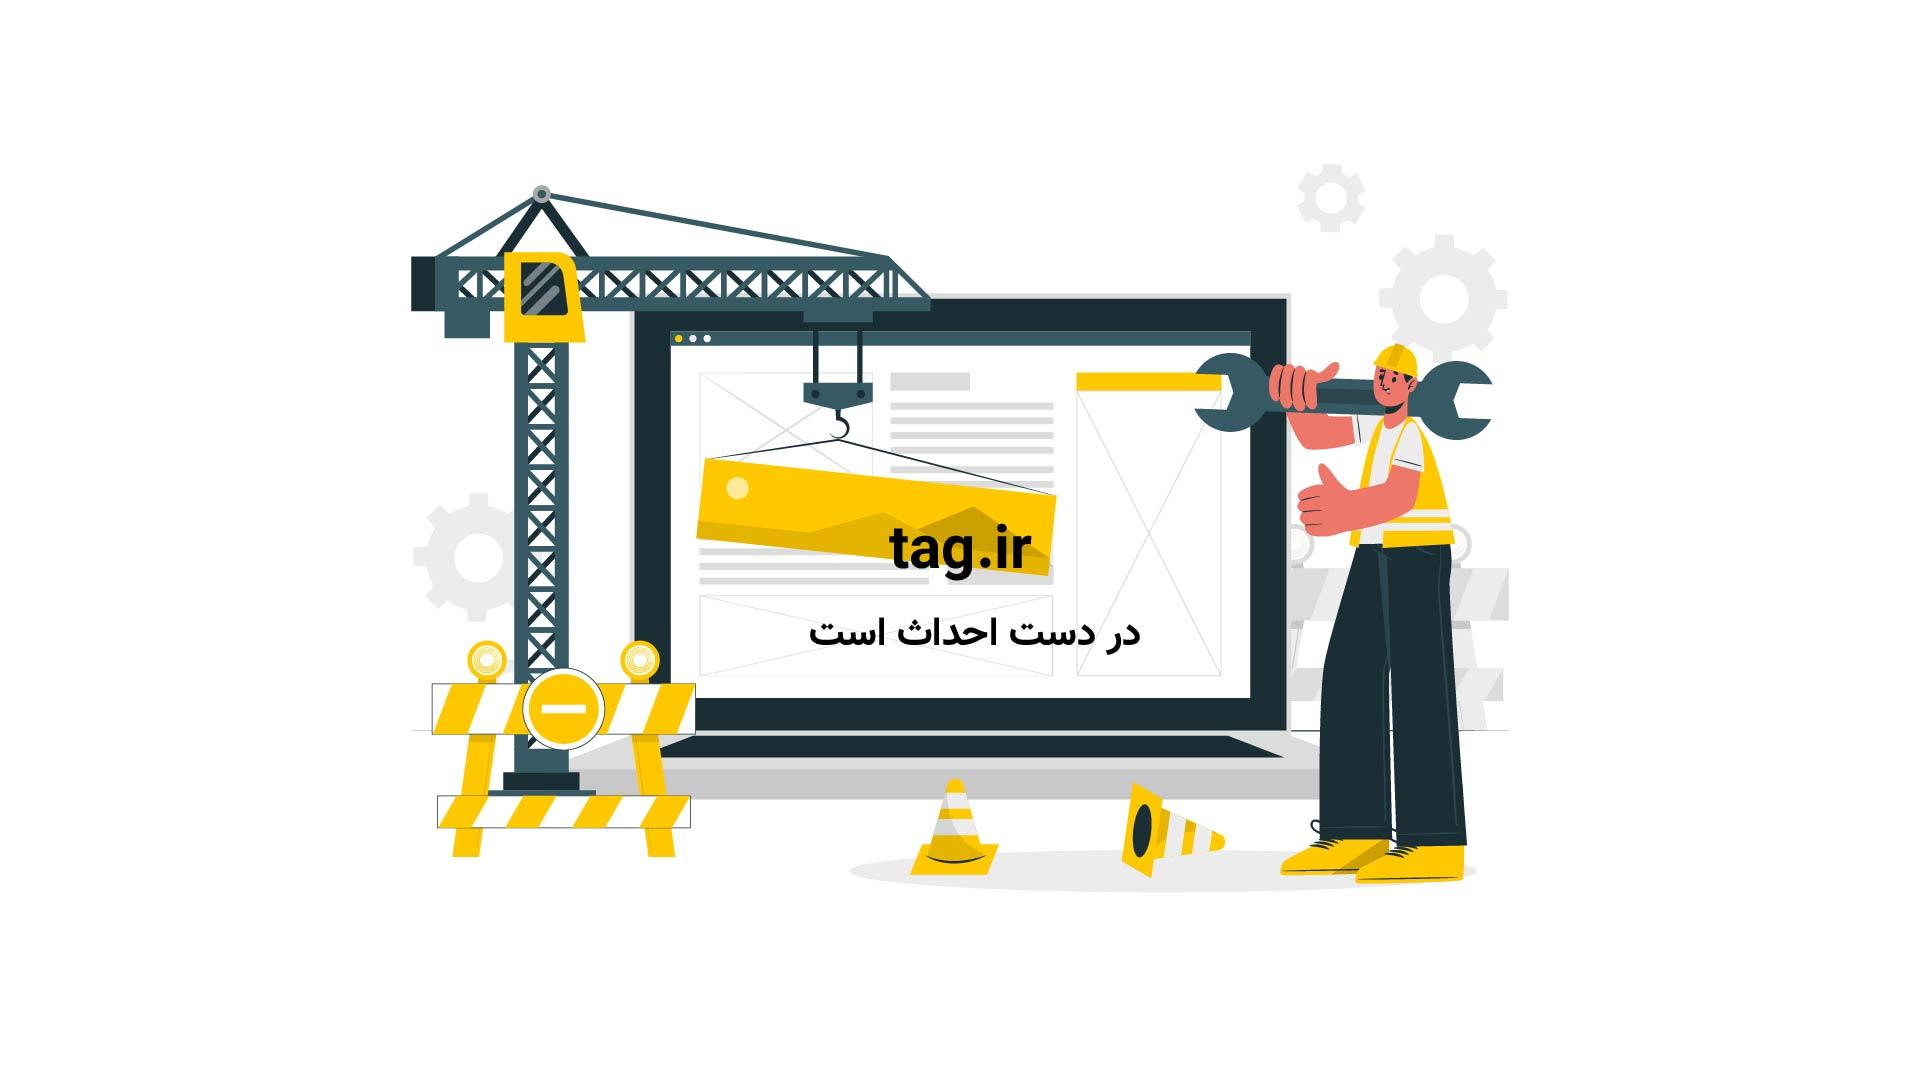 آبشار مرتفع و زیبای تیرکن مازندران | فیلم